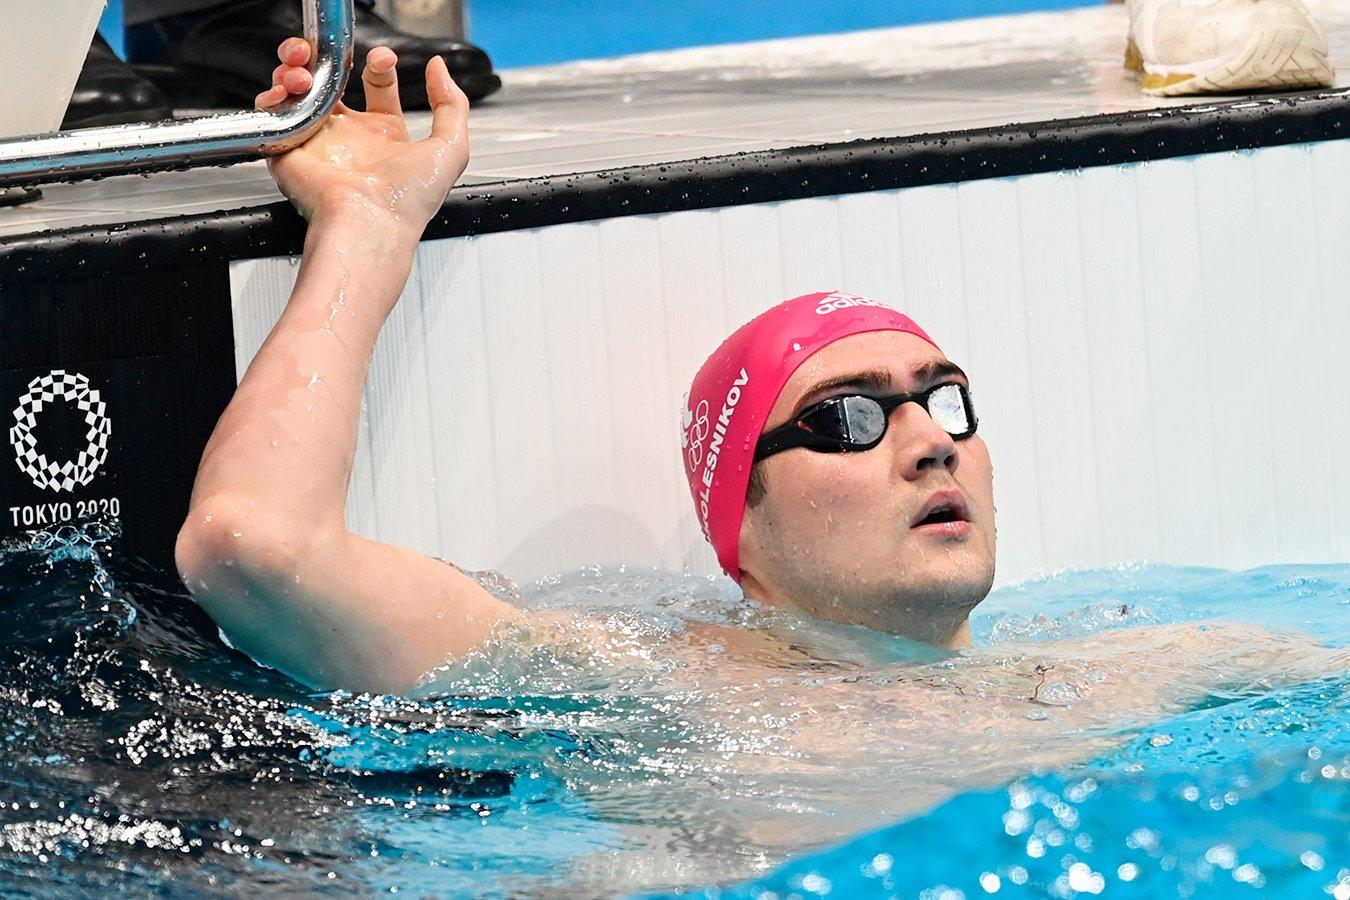 Россиянин Климент Колесников завоевал бронзу ОИ-2020 на дистанции 100 м вольным стилем